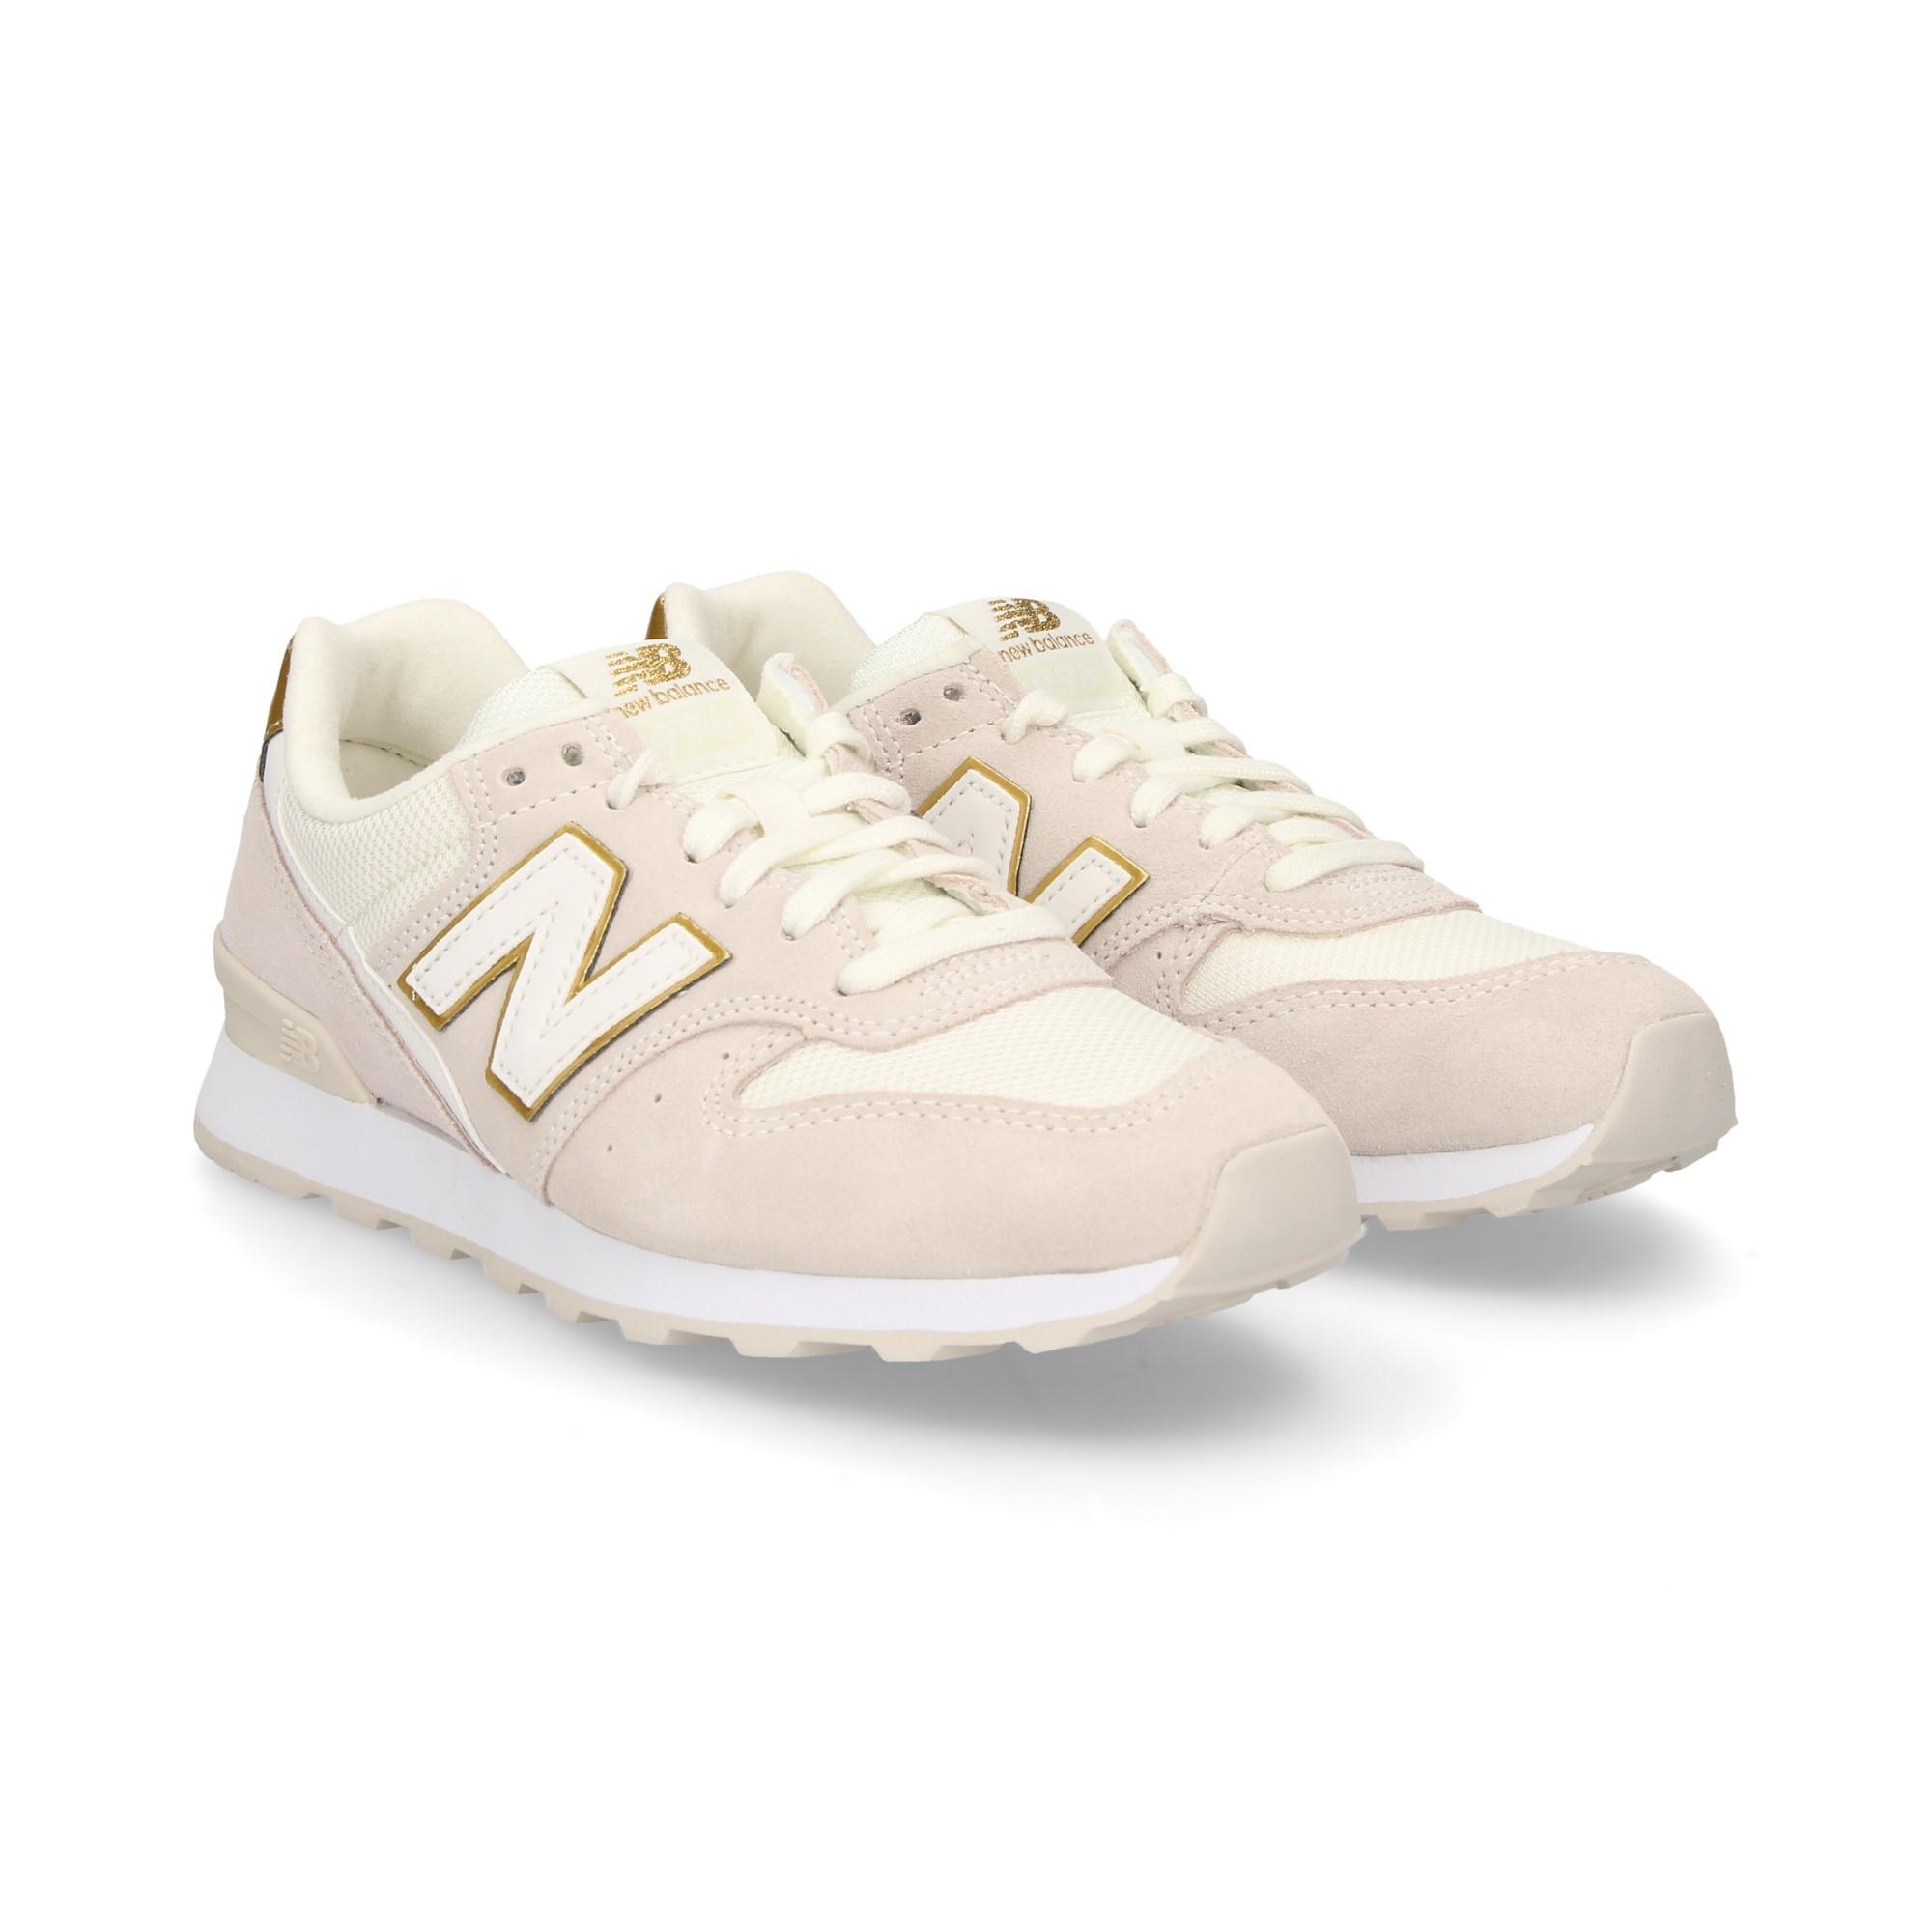 NEW BALANCE Sapatos de senhora 996 FSM